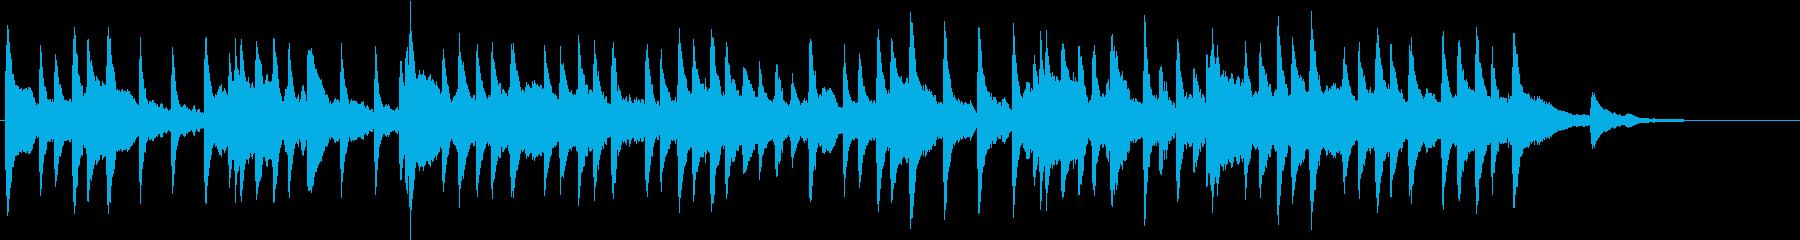 メヌエット バッハ オルゴールの再生済みの波形